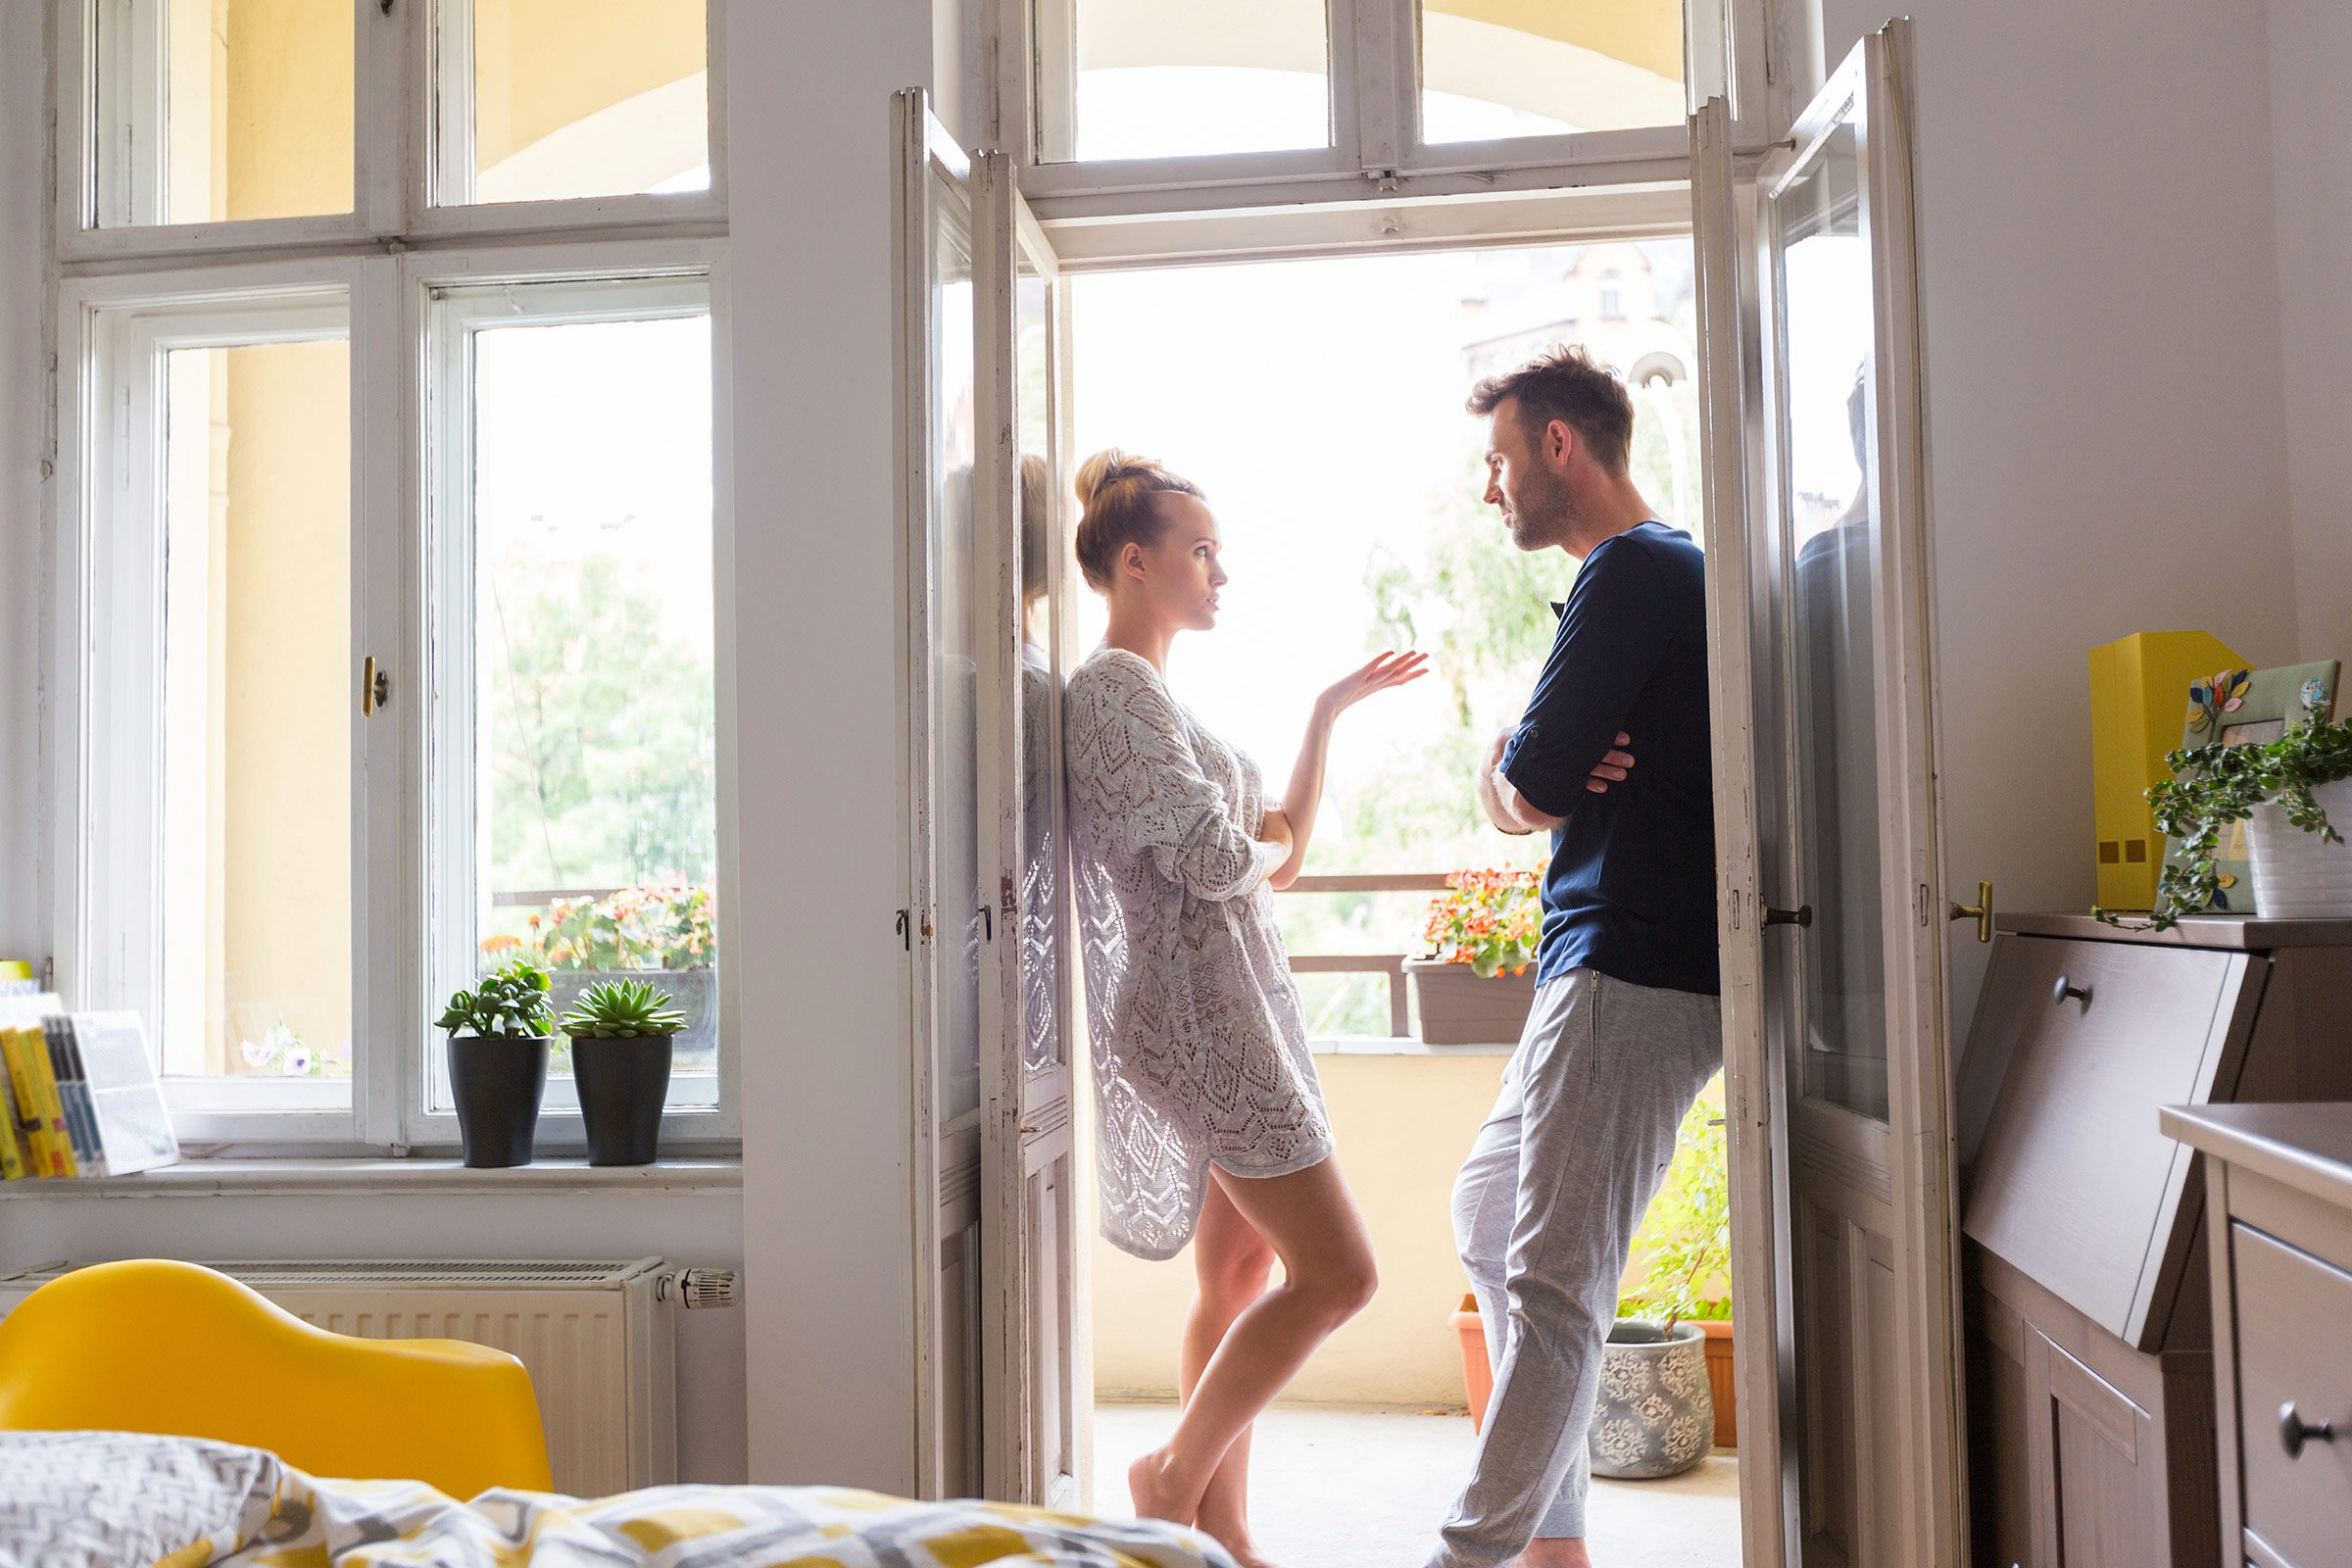 Indice que votre conjoint ne vous aime plus: un manque de communication.